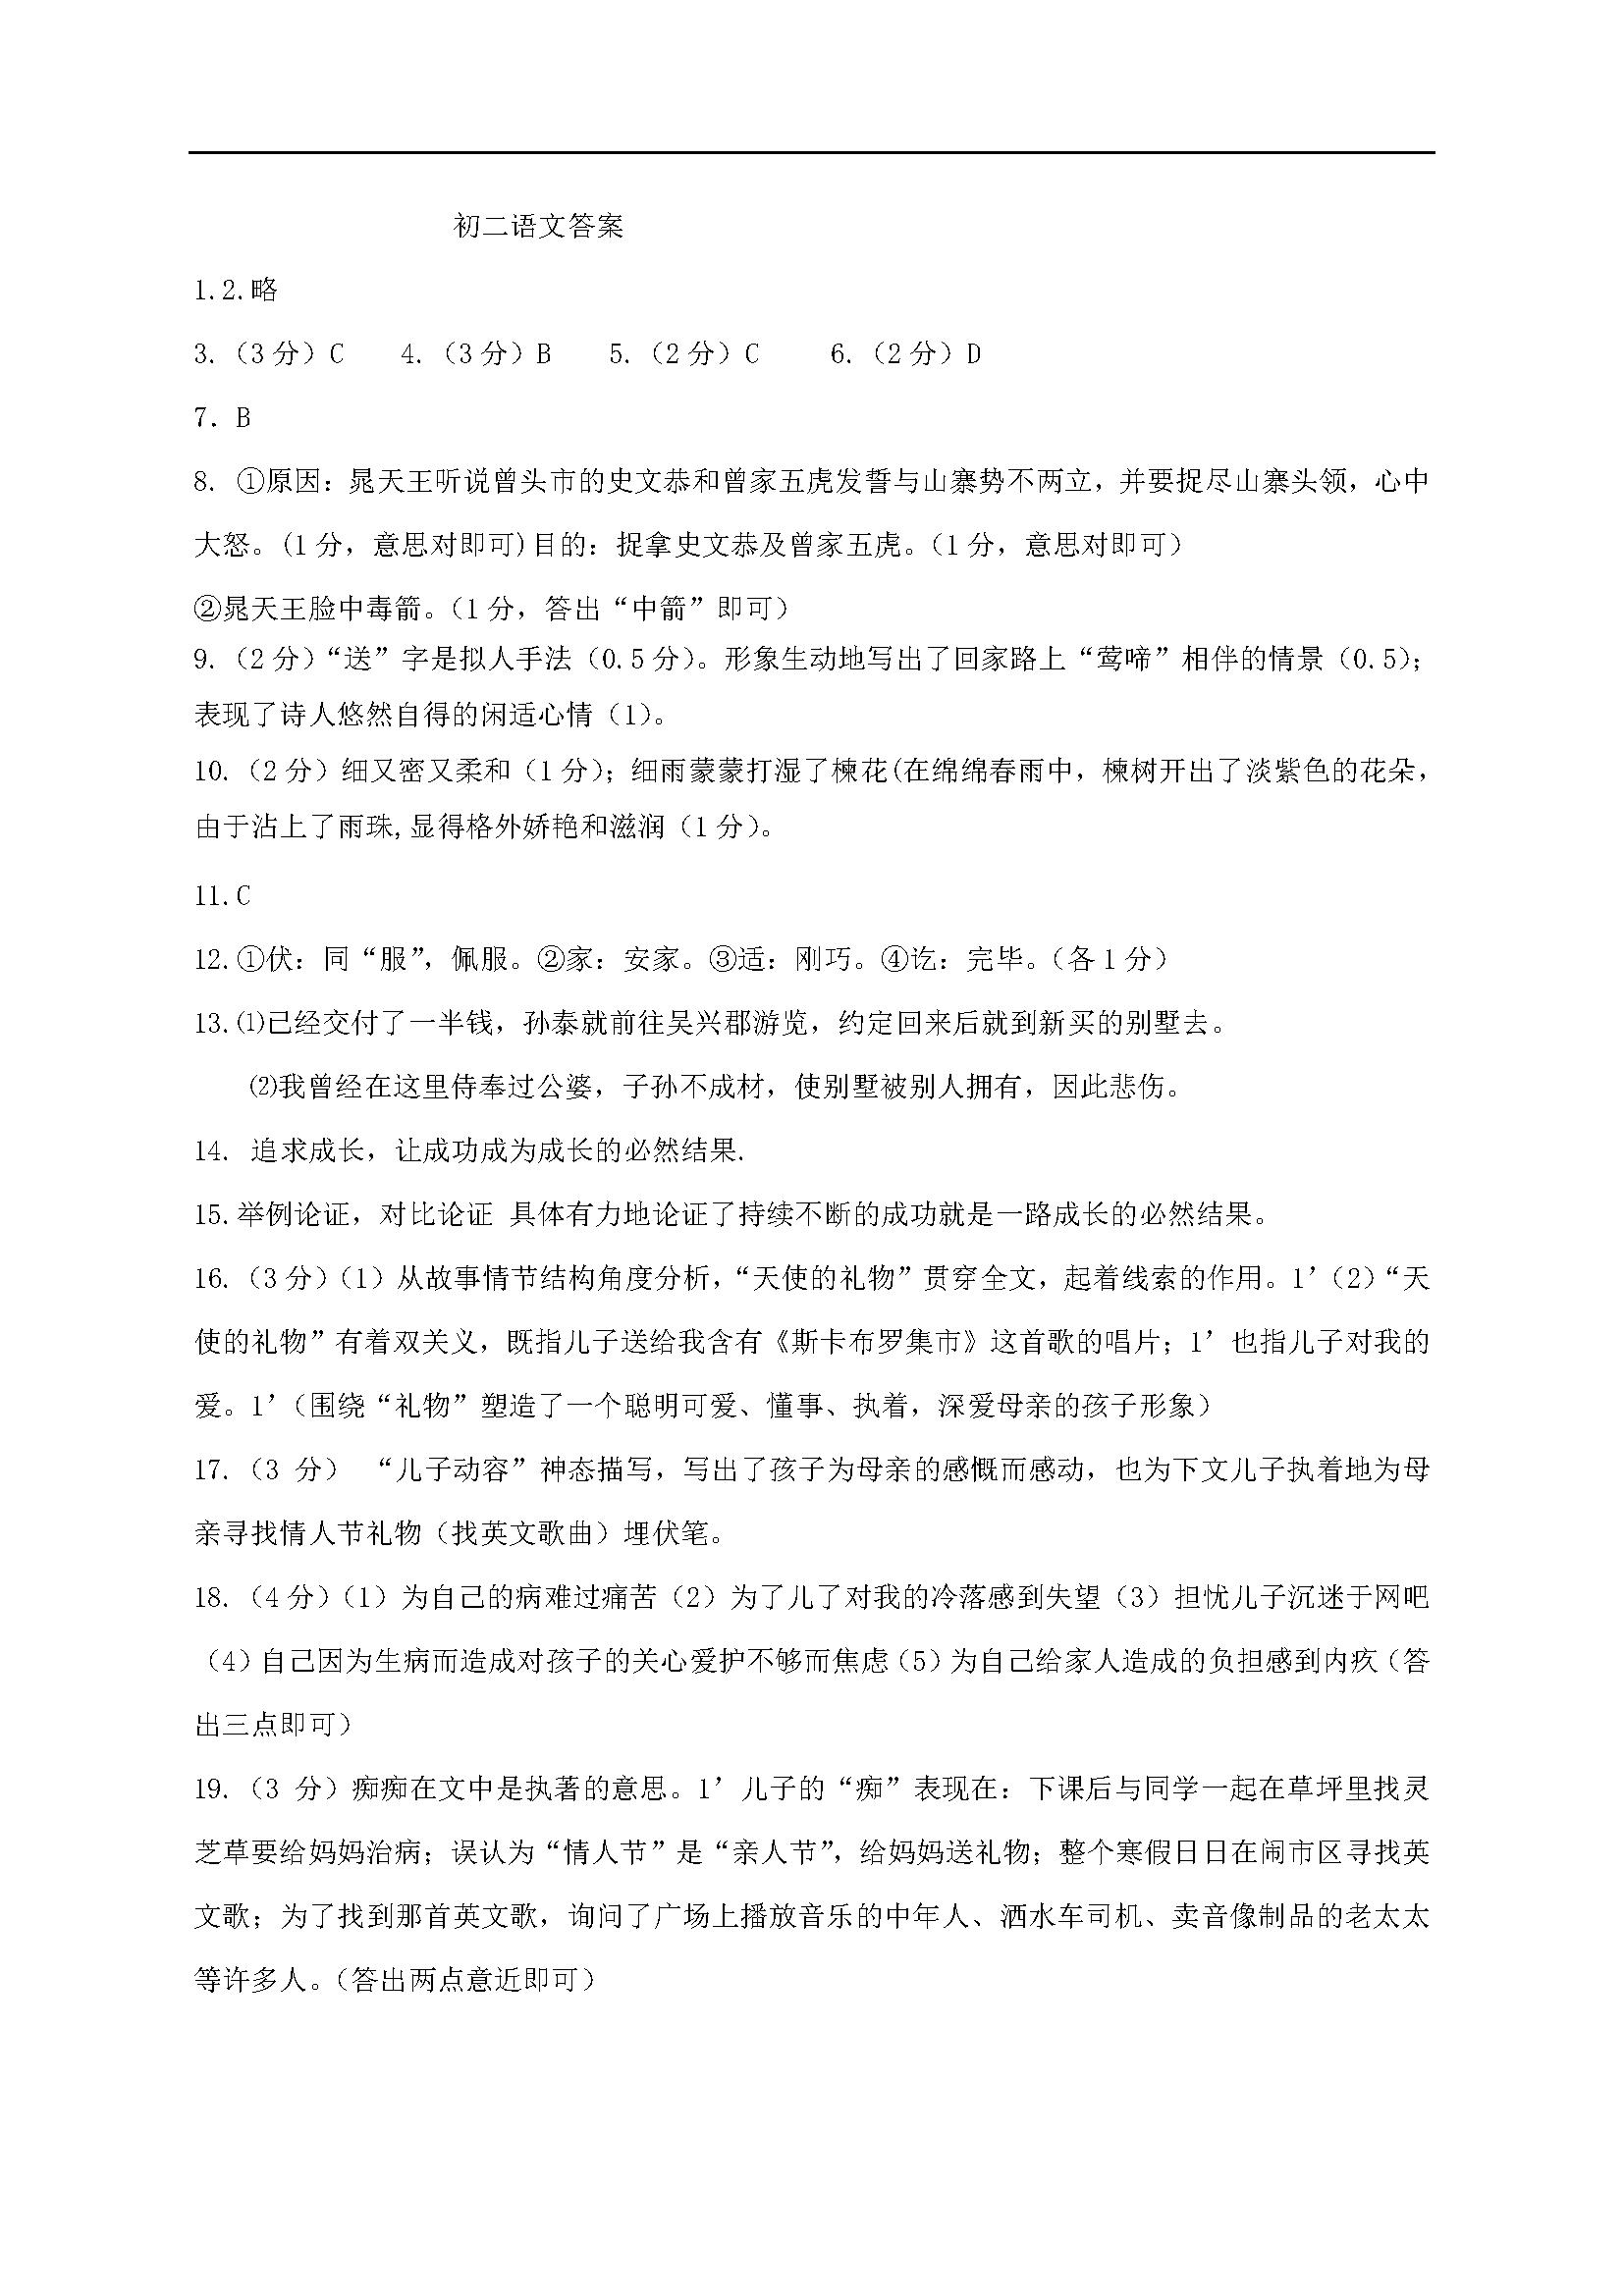 2017年江苏江阴暨阳中学2017年八年级下第二次月考语文试题答案(Word版)